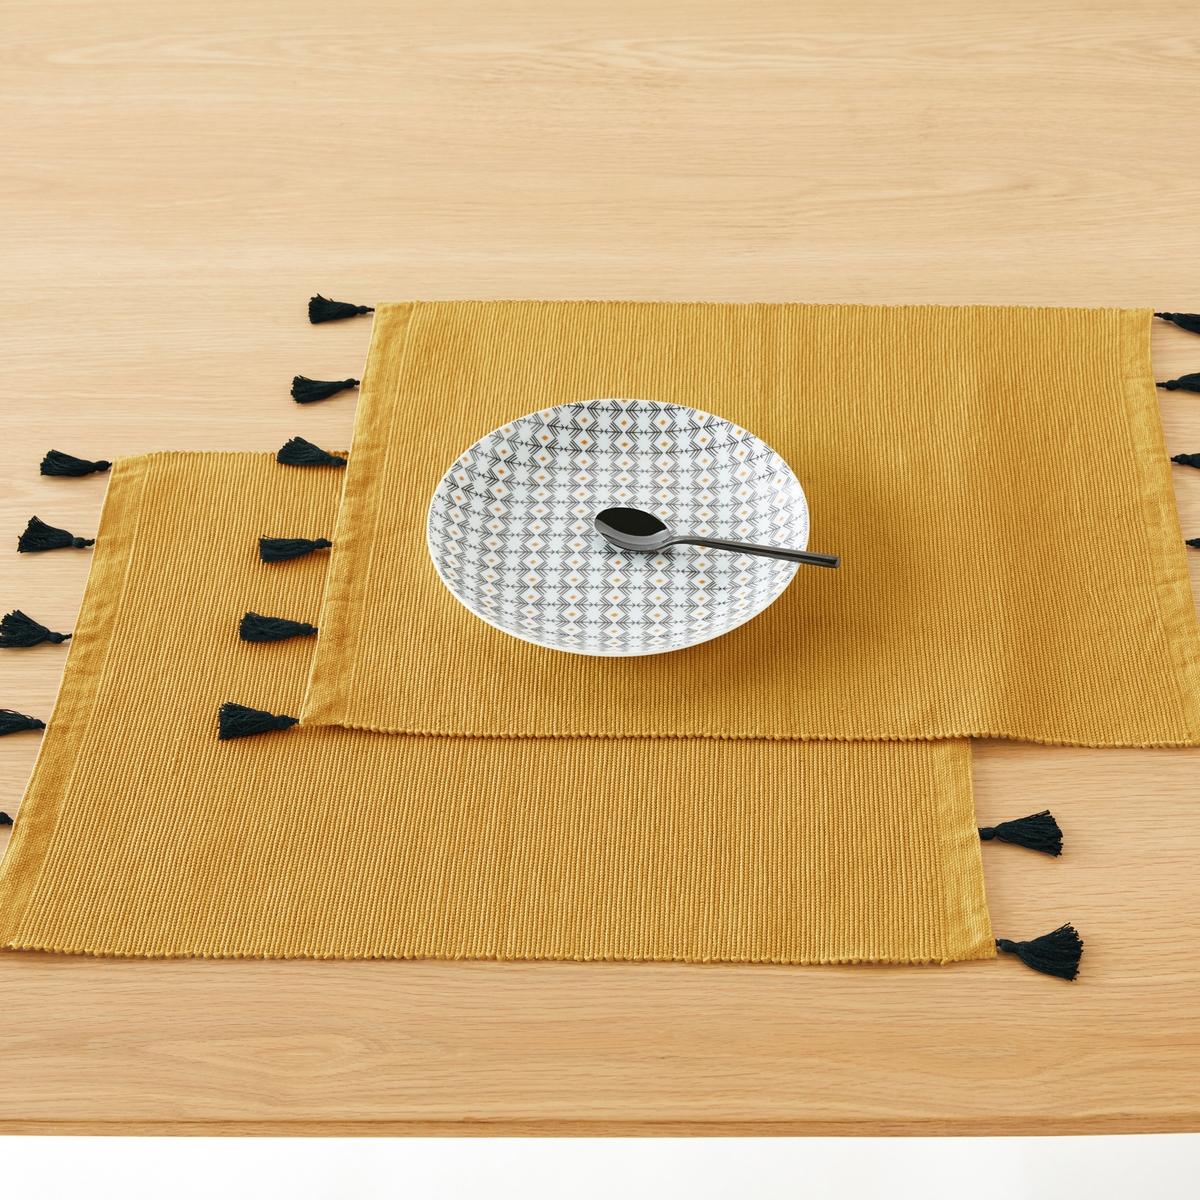 Комплект из подставок под La Redoute Приборы POMPONS единый размер желтый